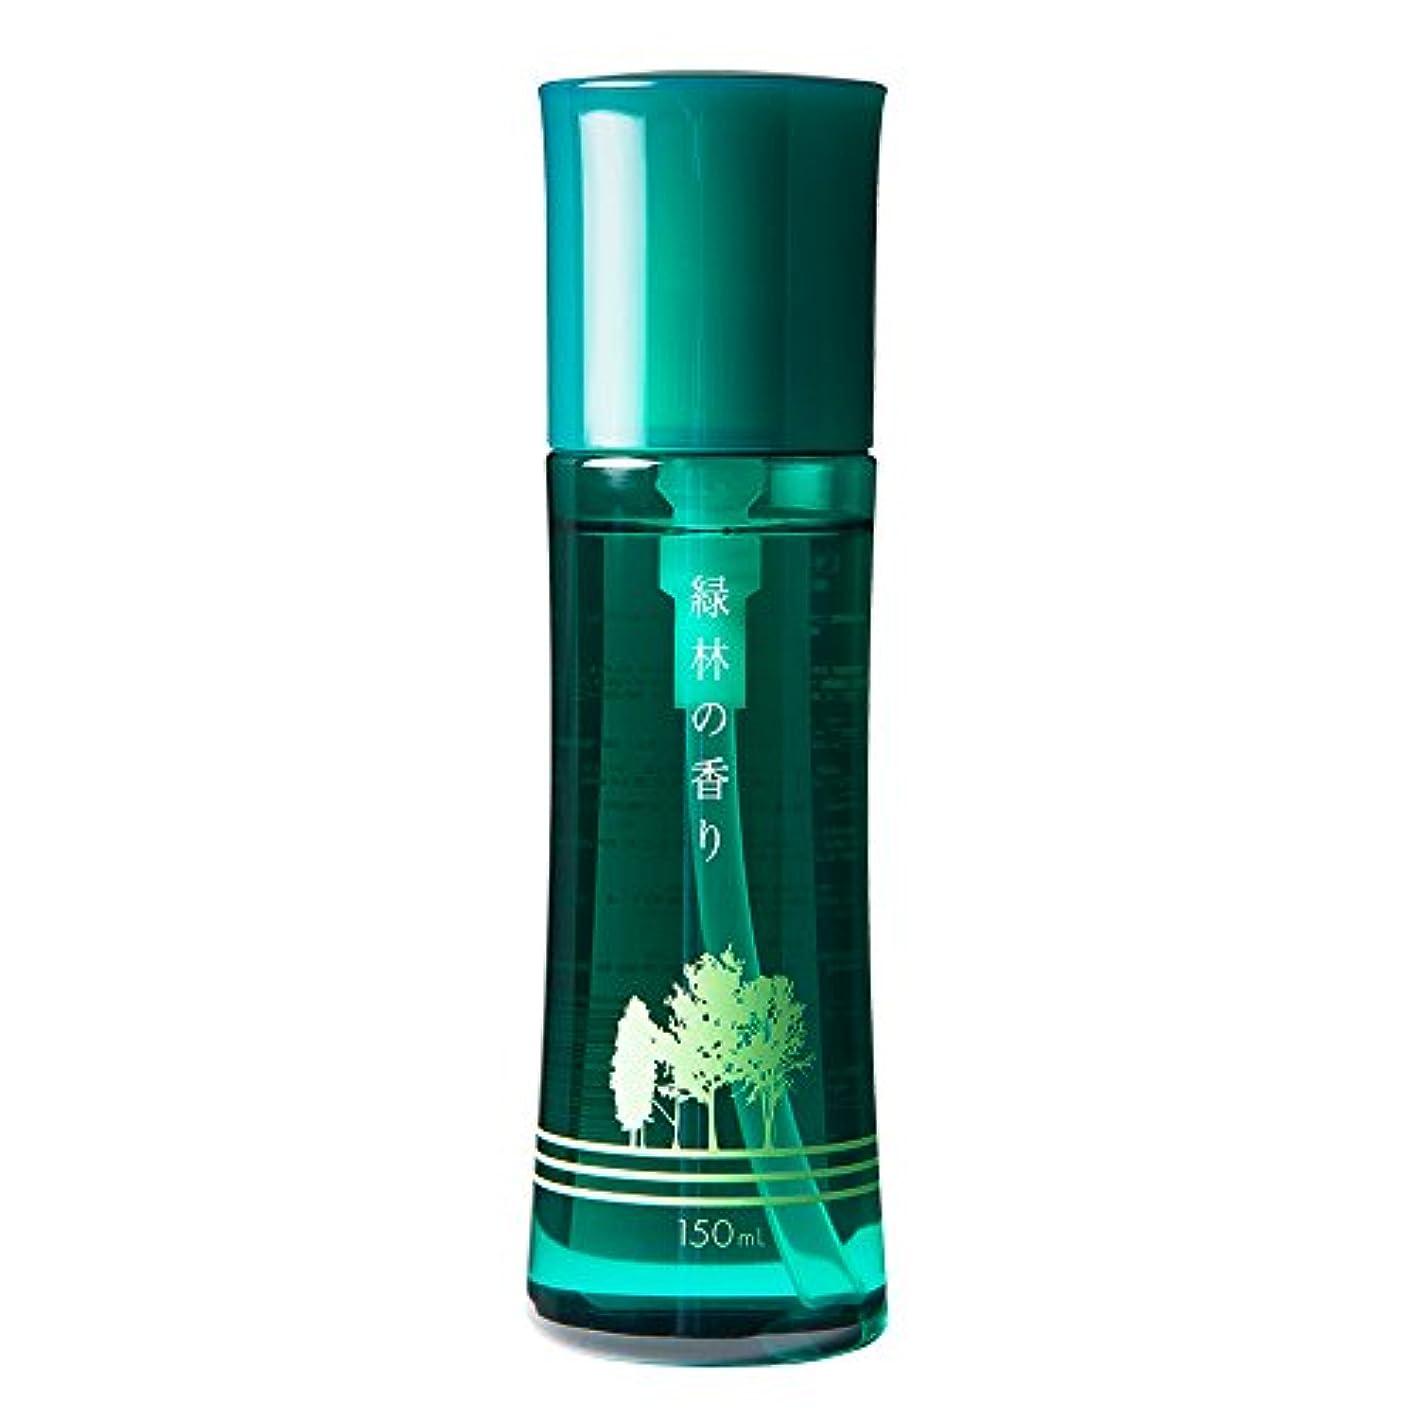 口ひげアルファベット順接触芳香剤「緑林の香り(みどりの香り)」150mL 日本予防医薬